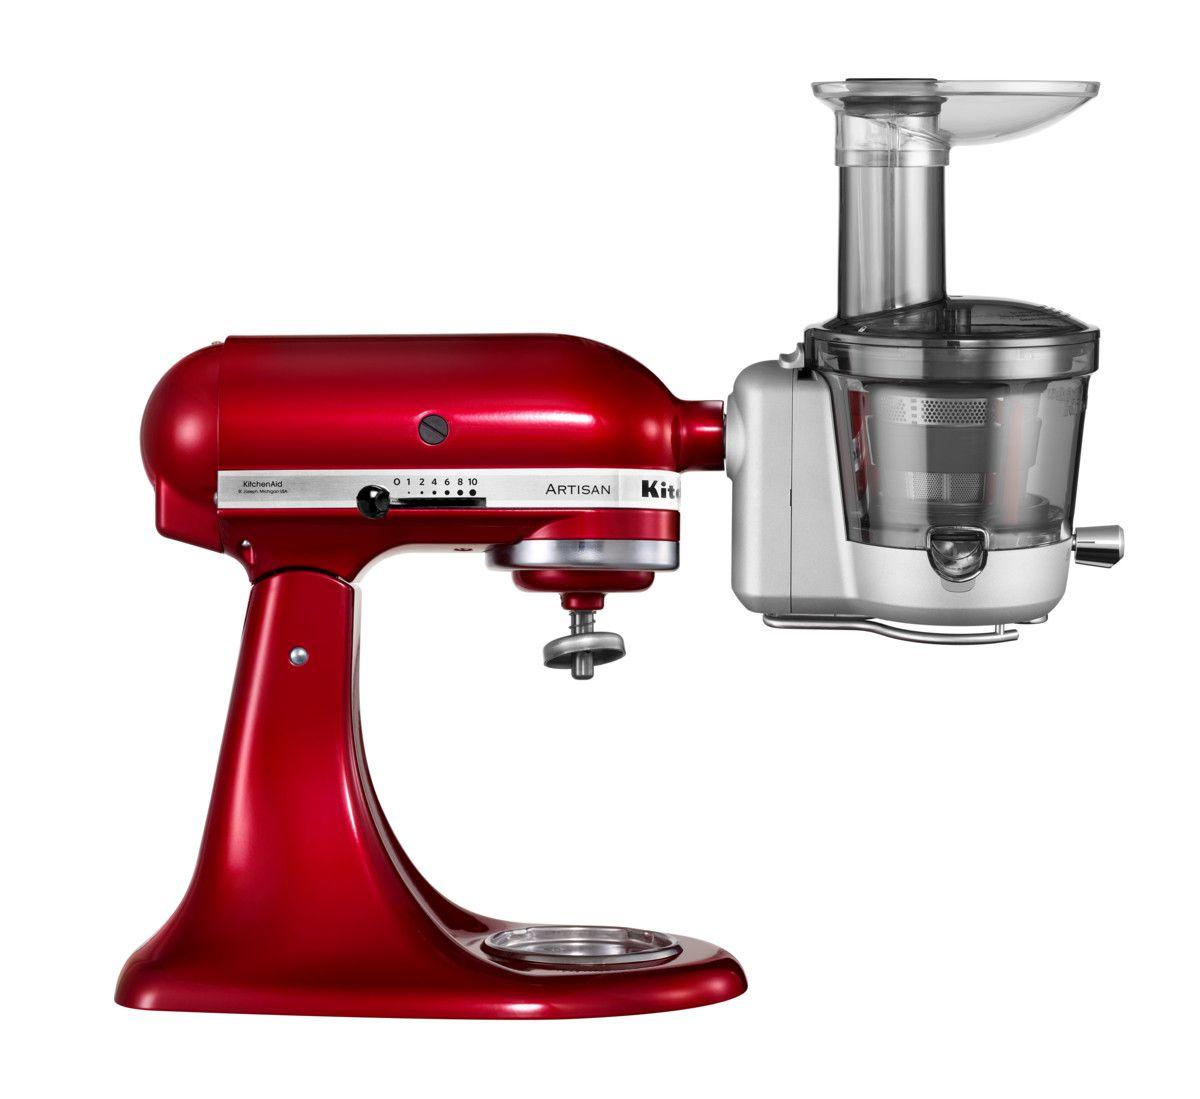 kitchen aid mixer artisan kitchen aid entsafter aufsatz fr die artisan - Kitchenaid Mixer Artisan